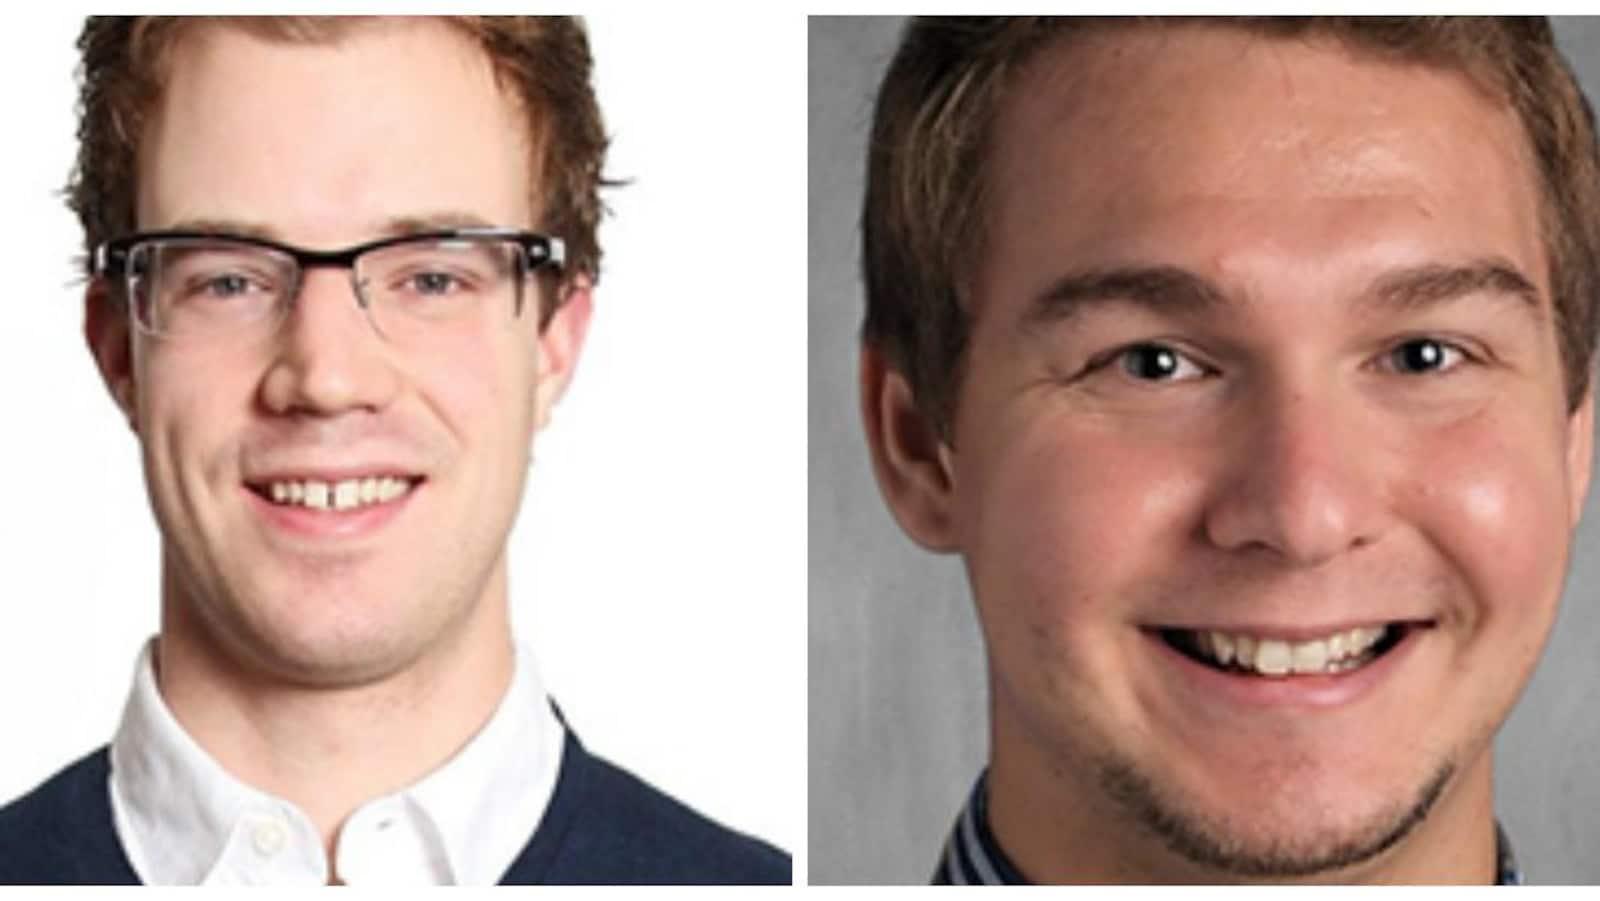 Montage de deux photos en gros plan des candidats, collées l'une à côté de l'autre.